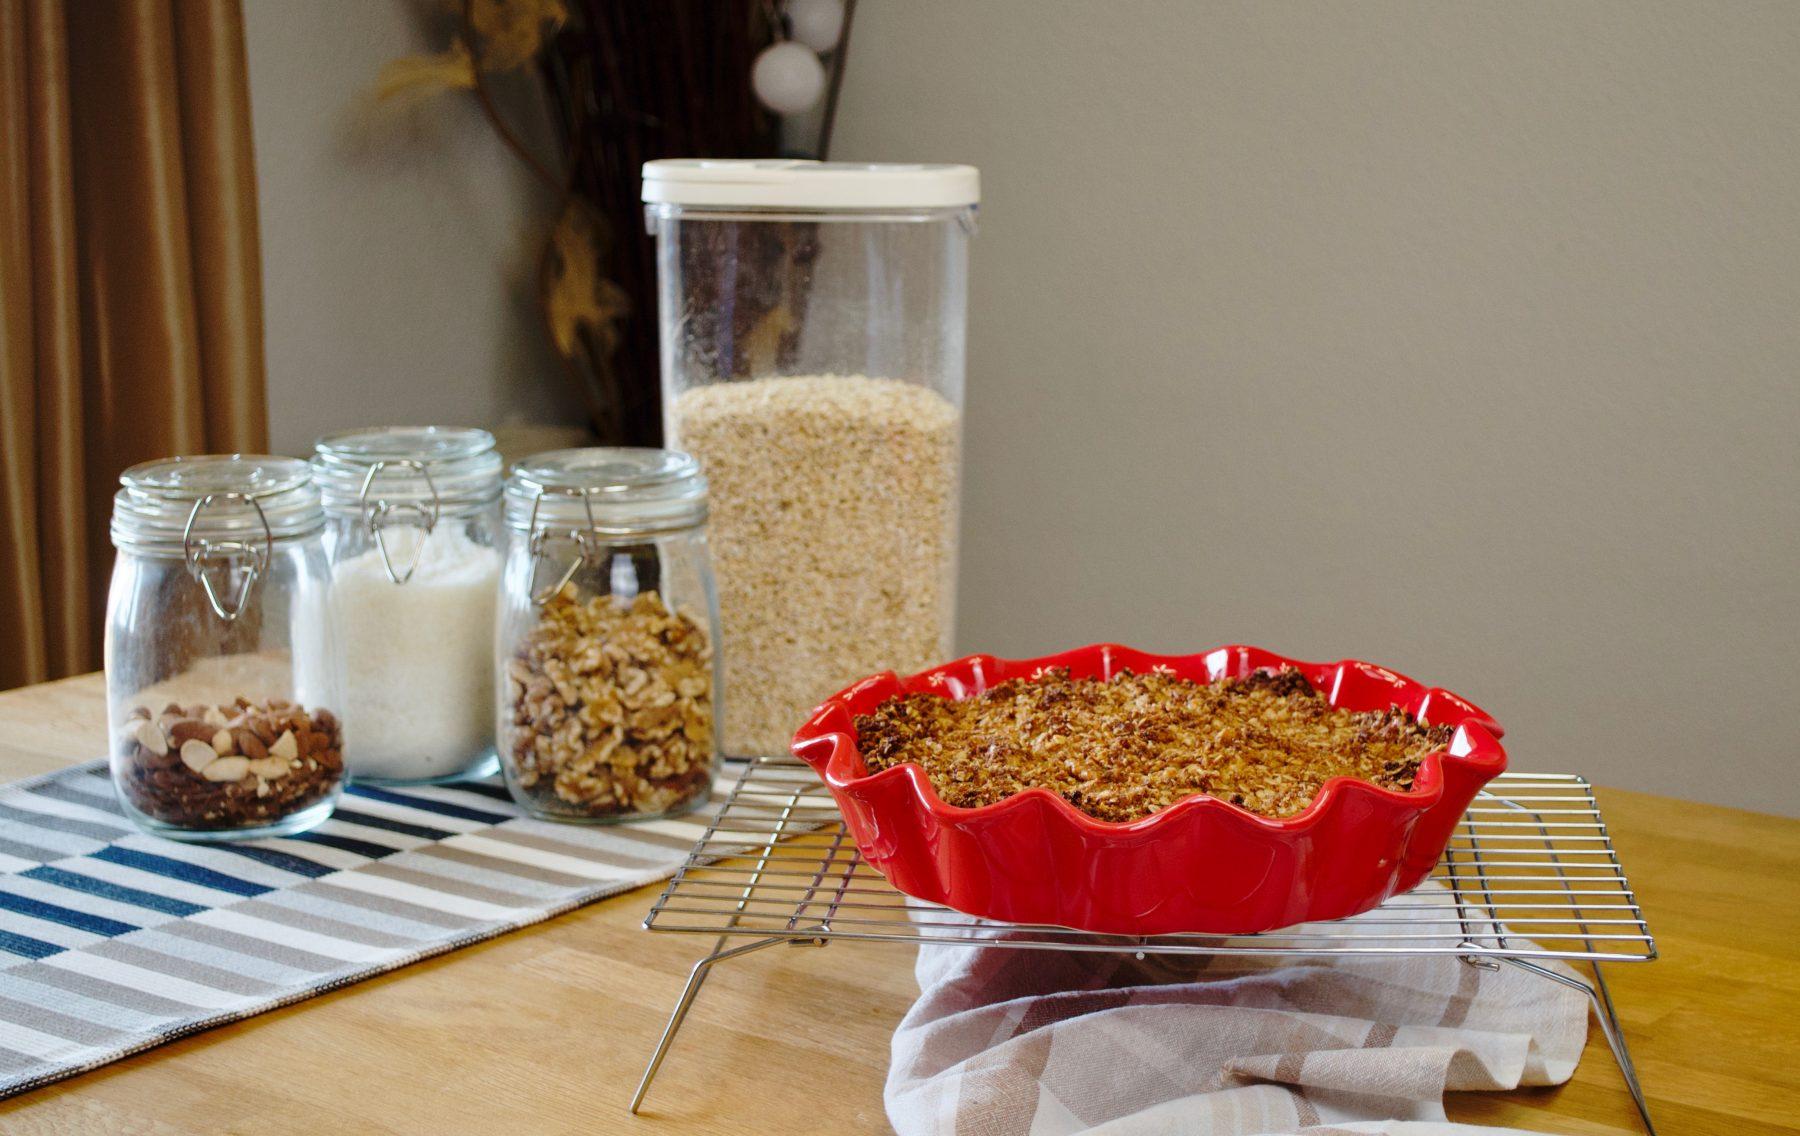 Crujiente de avena, coco y frutos rojos